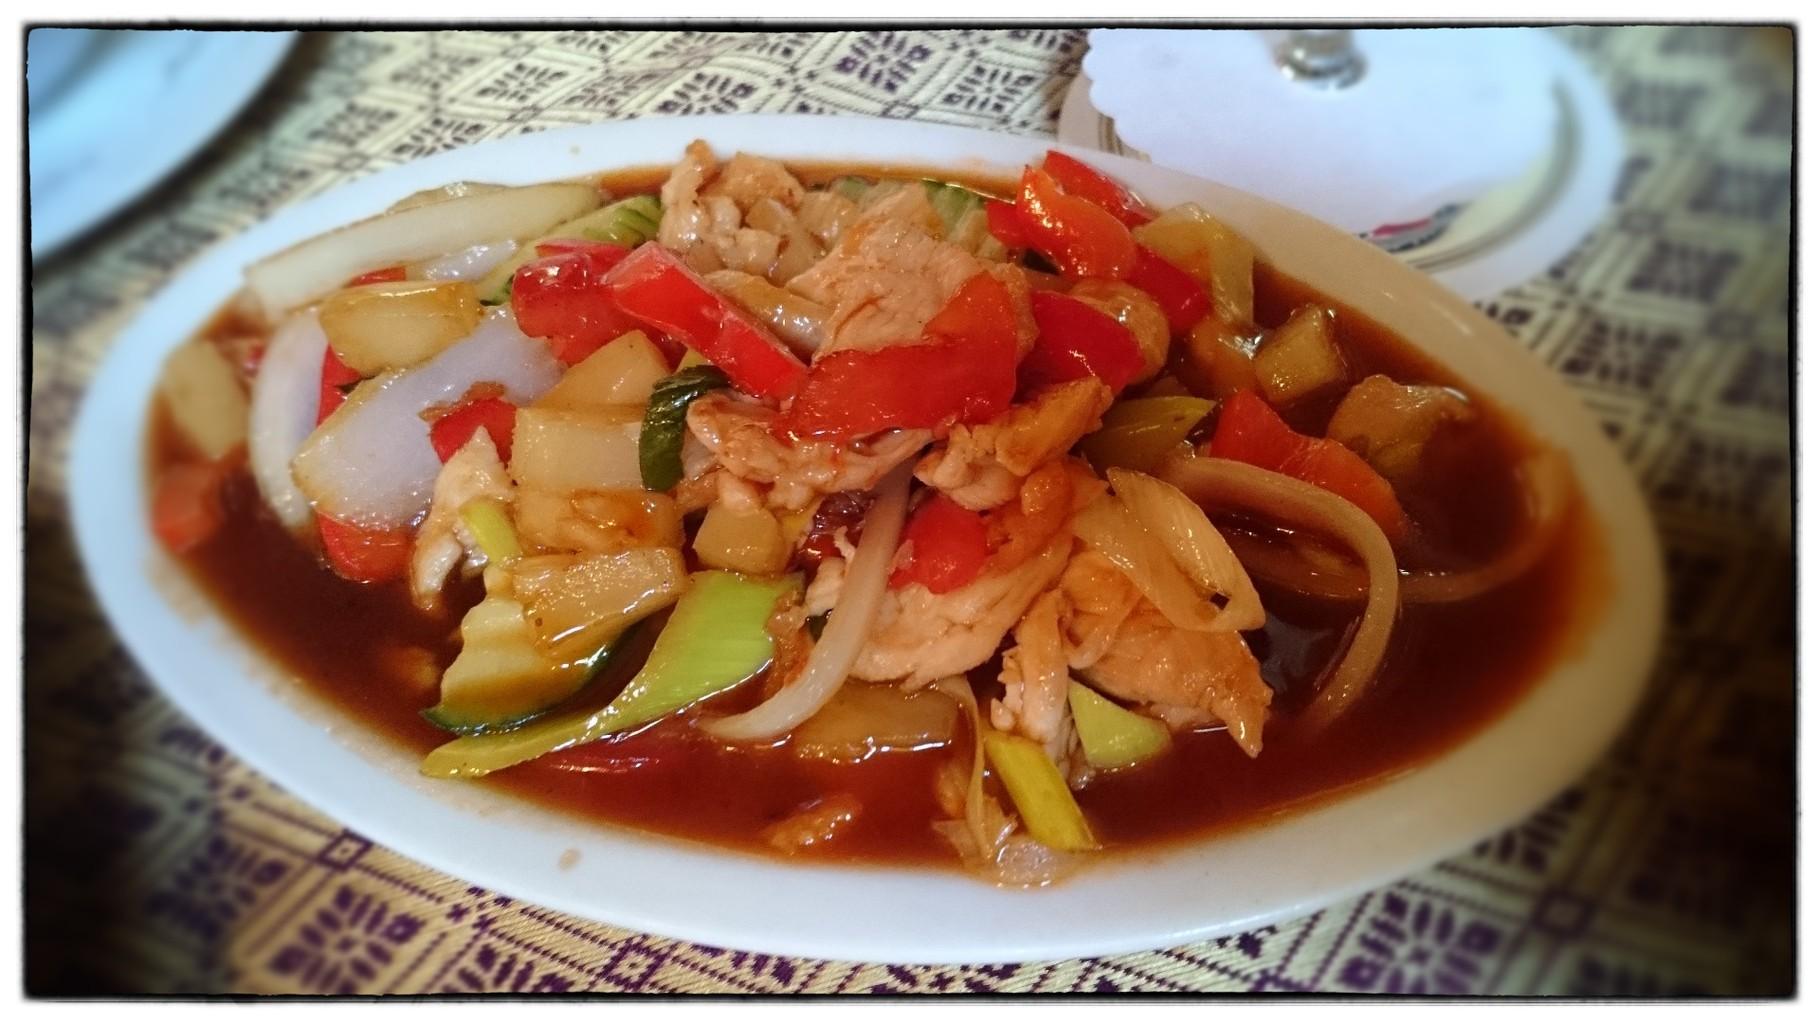 bangkok karlsruhe kulinarische vielfalt restauranttest in karlsruhe essen gehen in karlsruhe. Black Bedroom Furniture Sets. Home Design Ideas